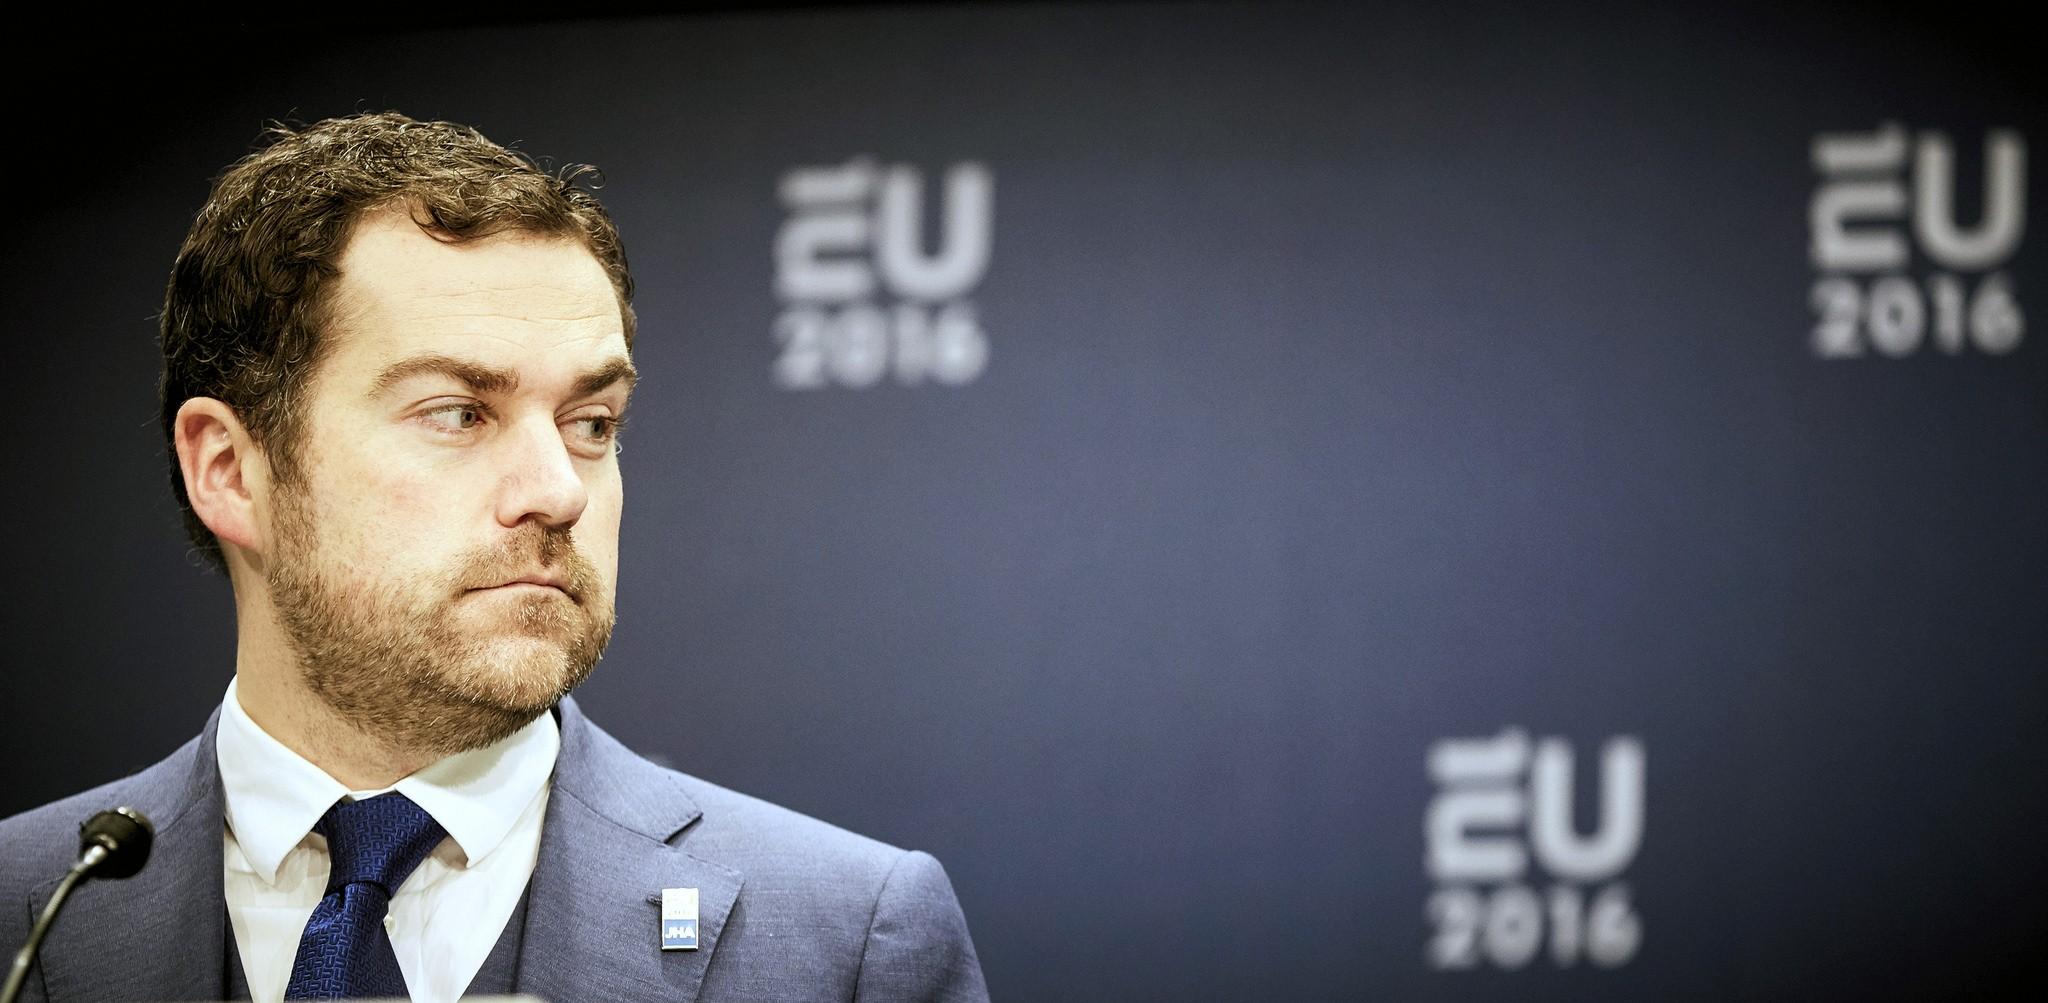 Klaas Dijkhoff staatssecretaris veiligheid en justitie vvd fractievoorzitter